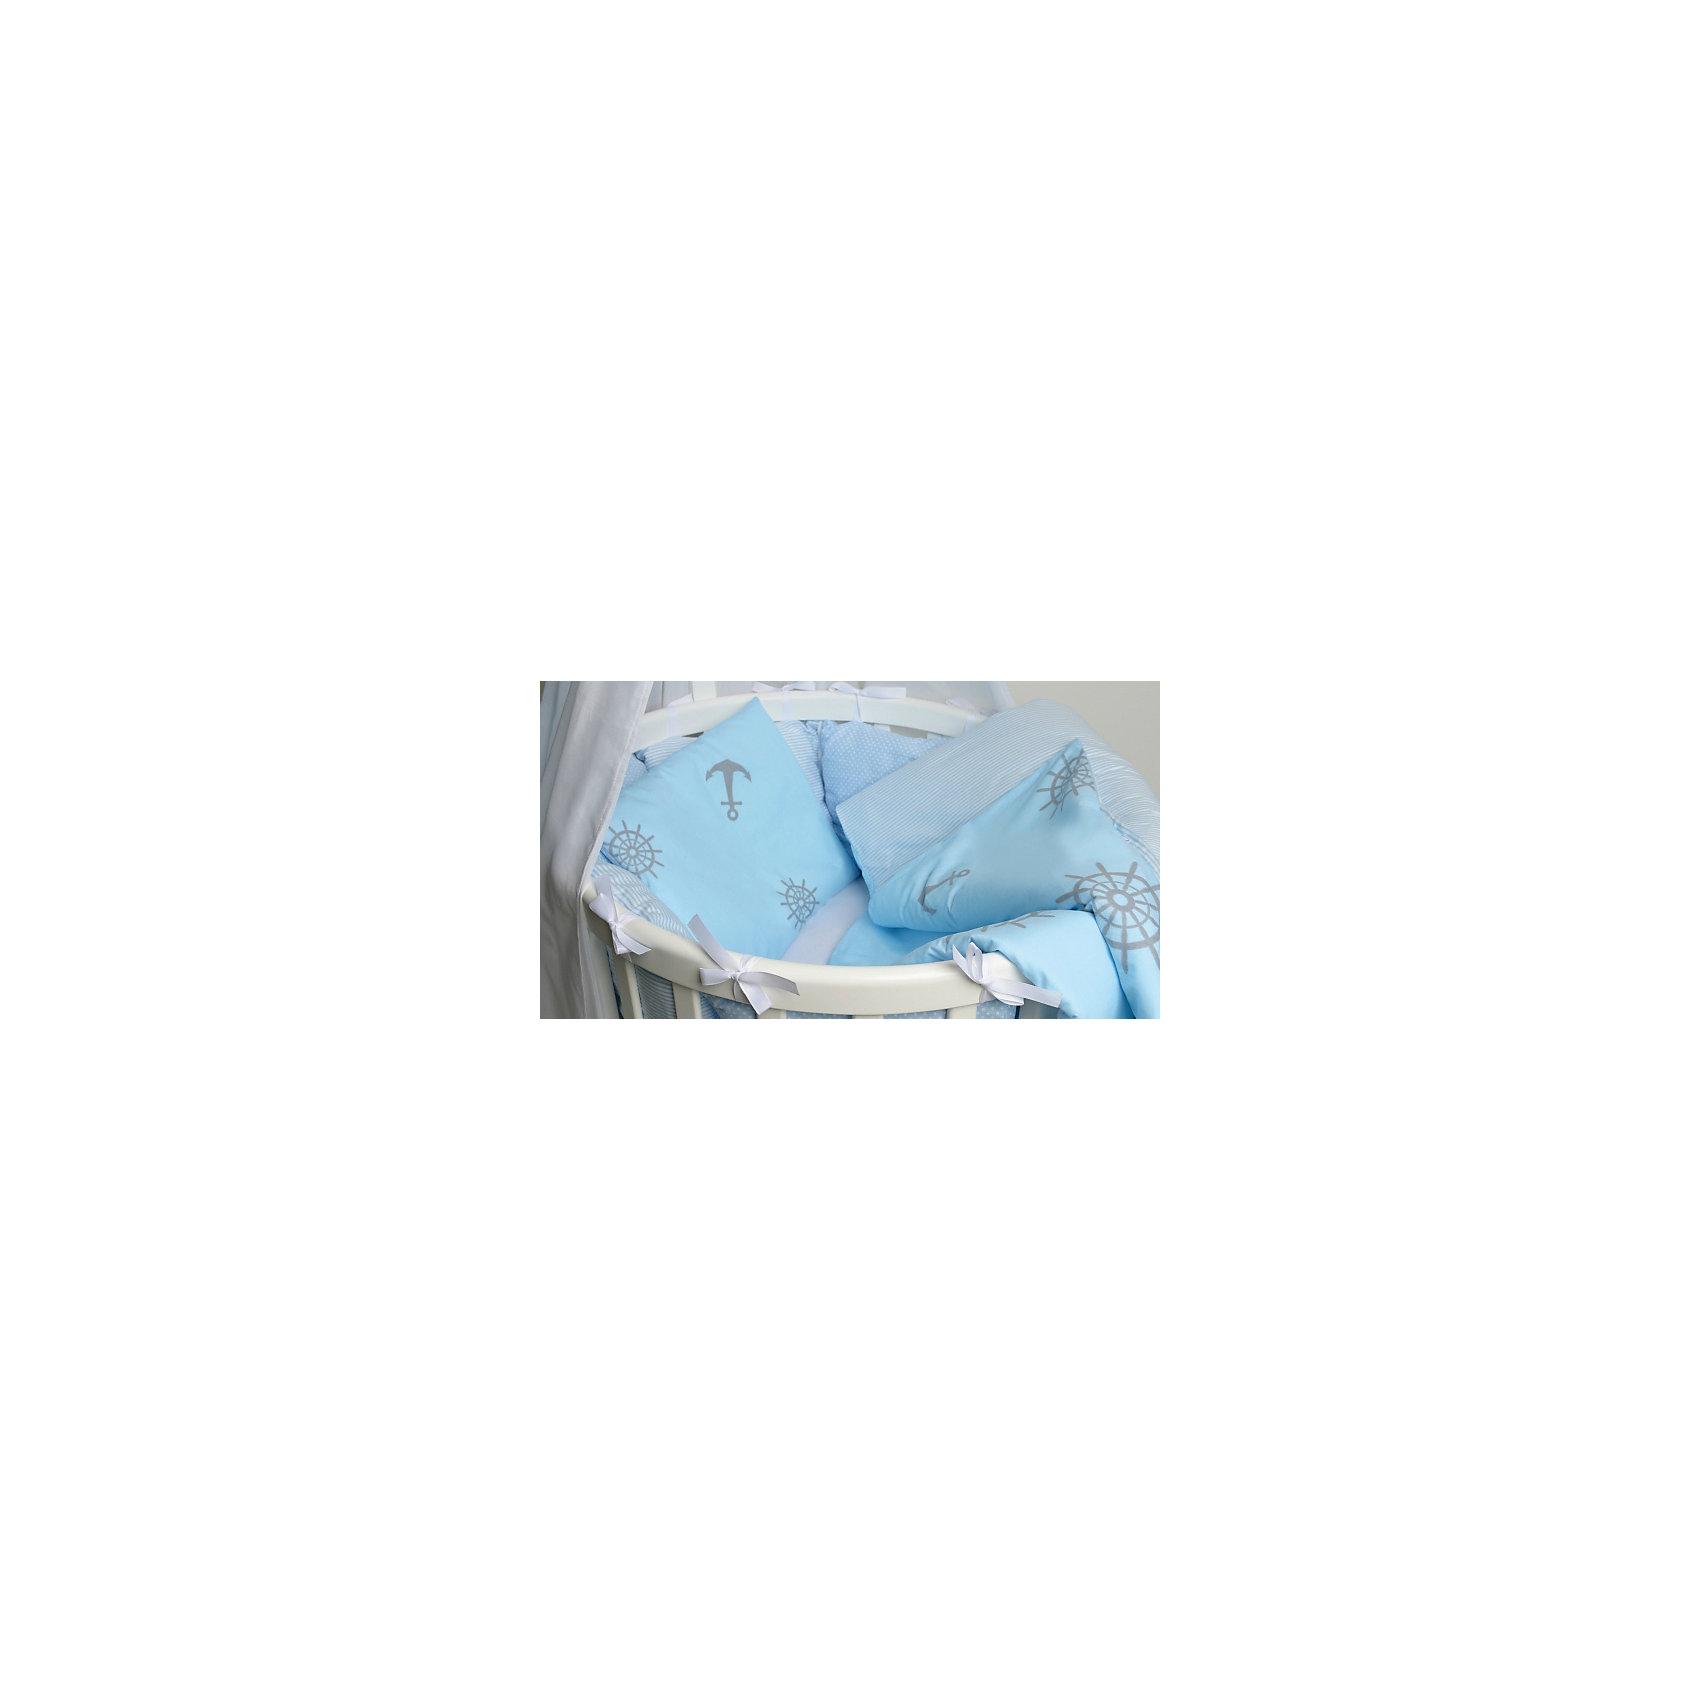 Постельное белье для круглых кроваток Бриз, 7 предм., by TwinzПостельное бельё<br>Характеристики:<br><br>• Материал: хлопок, 100% <br>• Тематика рисунка: якоря<br>• Комплектация: <br> пододеяльник 105*145 см – 1 шт. <br> одеяло на холлофайбере 100*140 см – 1 шт. <br> простынь на резинке 70*80 см – 1 шт. <br> простынь на резинке 70*120 см – 1 шт. <br> наволочка 36*46 см – 1 шт. <br> подушка на холлофайбере 35*45 см – 1 шт. <br> бортики в виде подушек с завязками – 10 шт.<br>• Вес комплекта: 3 кг<br>• Размеры упаковки (Д*В*Ш): 58*58*18 см<br>• Особенности ухода: машинная стирка на щадящем режиме <br><br>Постельное белье представляет собой расширенную комплектацию – одеяло и подушка, пододеяльник, простыни и наволочка, бортики. Размеры изделий предназначены для детской кроватки круглой или овальной формы. <br><br>Постельное белье изготовлено из натурального хлопка, который обеспечивает комфорт и удобство для сна. Натуральная ткань обладает высокими гигиеническими свойствами и повышенной износоустойчивостью. <br><br>Предусмотренные на простыни резинка и застежка на пододеяльнике позволяют изделиям надежно фиксироваться. В комплекте предусмотрены бортики в виде подушек, которые оснащены съемными наволочками с завязками. Постельное белье для круглых кроваток Бриз, 7 предм., by Twinz выполнено в брендовом дизайне с принтом морской тематики. <br><br>Постельное белье Бриз, 3 предм., by Twinz можно купить в нашем интернет-магазине.<br><br>Ширина мм: 580<br>Глубина мм: 580<br>Высота мм: 180<br>Вес г: 3000<br>Возраст от месяцев: 0<br>Возраст до месяцев: 36<br>Пол: Мужской<br>Возраст: Детский<br>SKU: 6765395